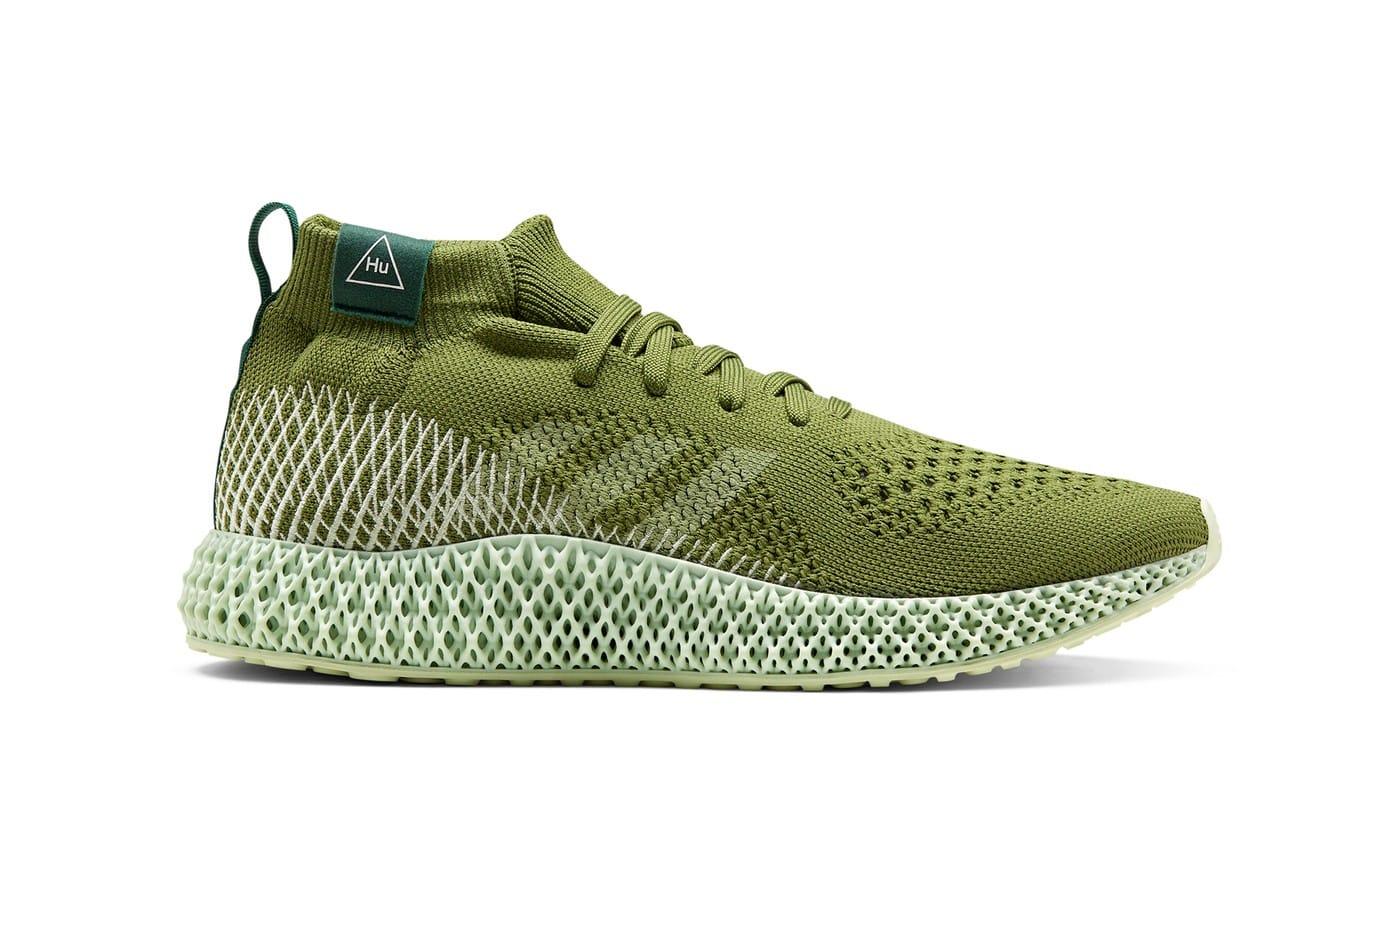 adidas-pharrell-williams-alphaedge-4d-chaussures-running-runpack-3